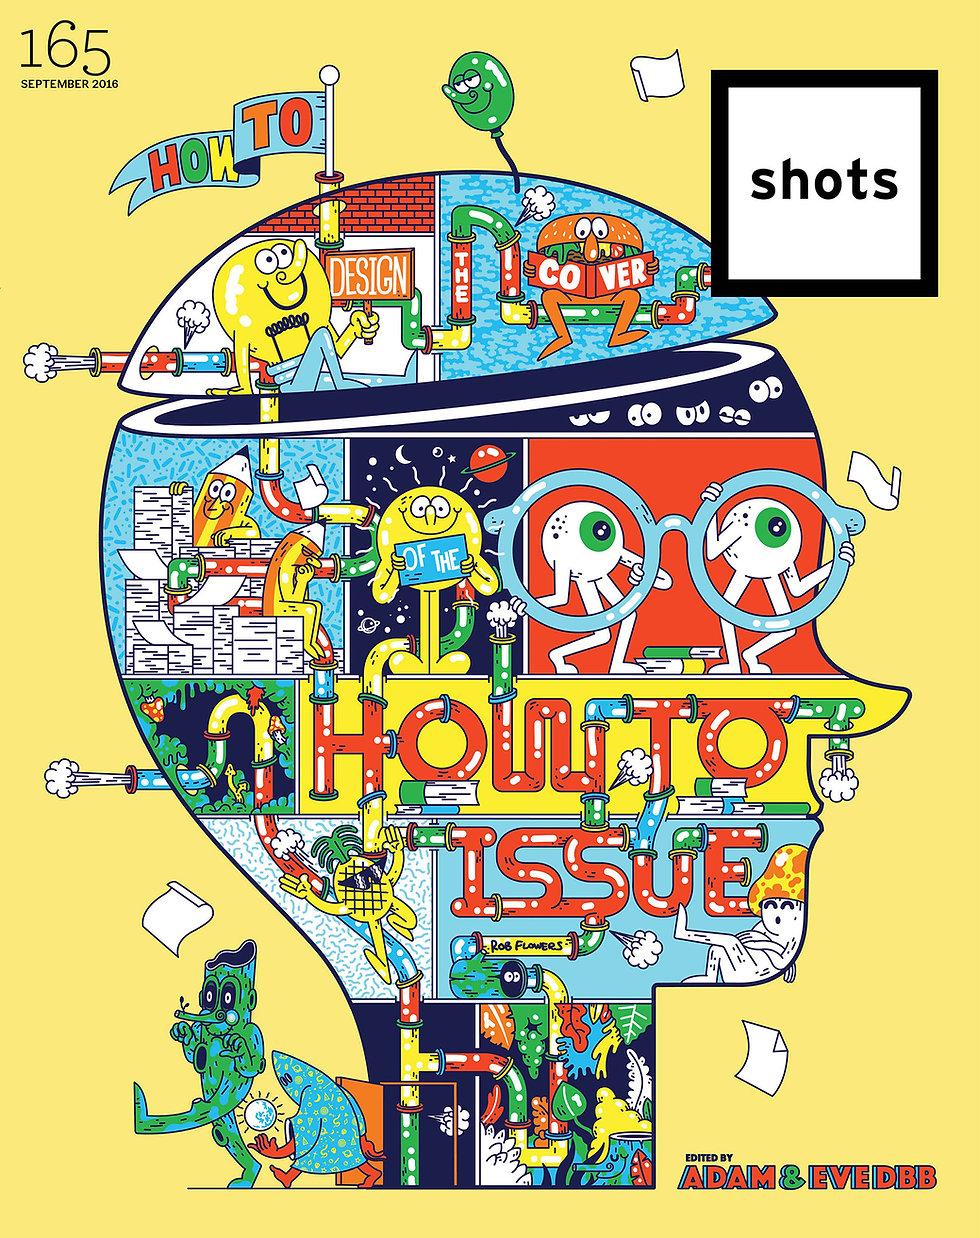 Rob_Flowers_ShotsMag_Cover.jpg